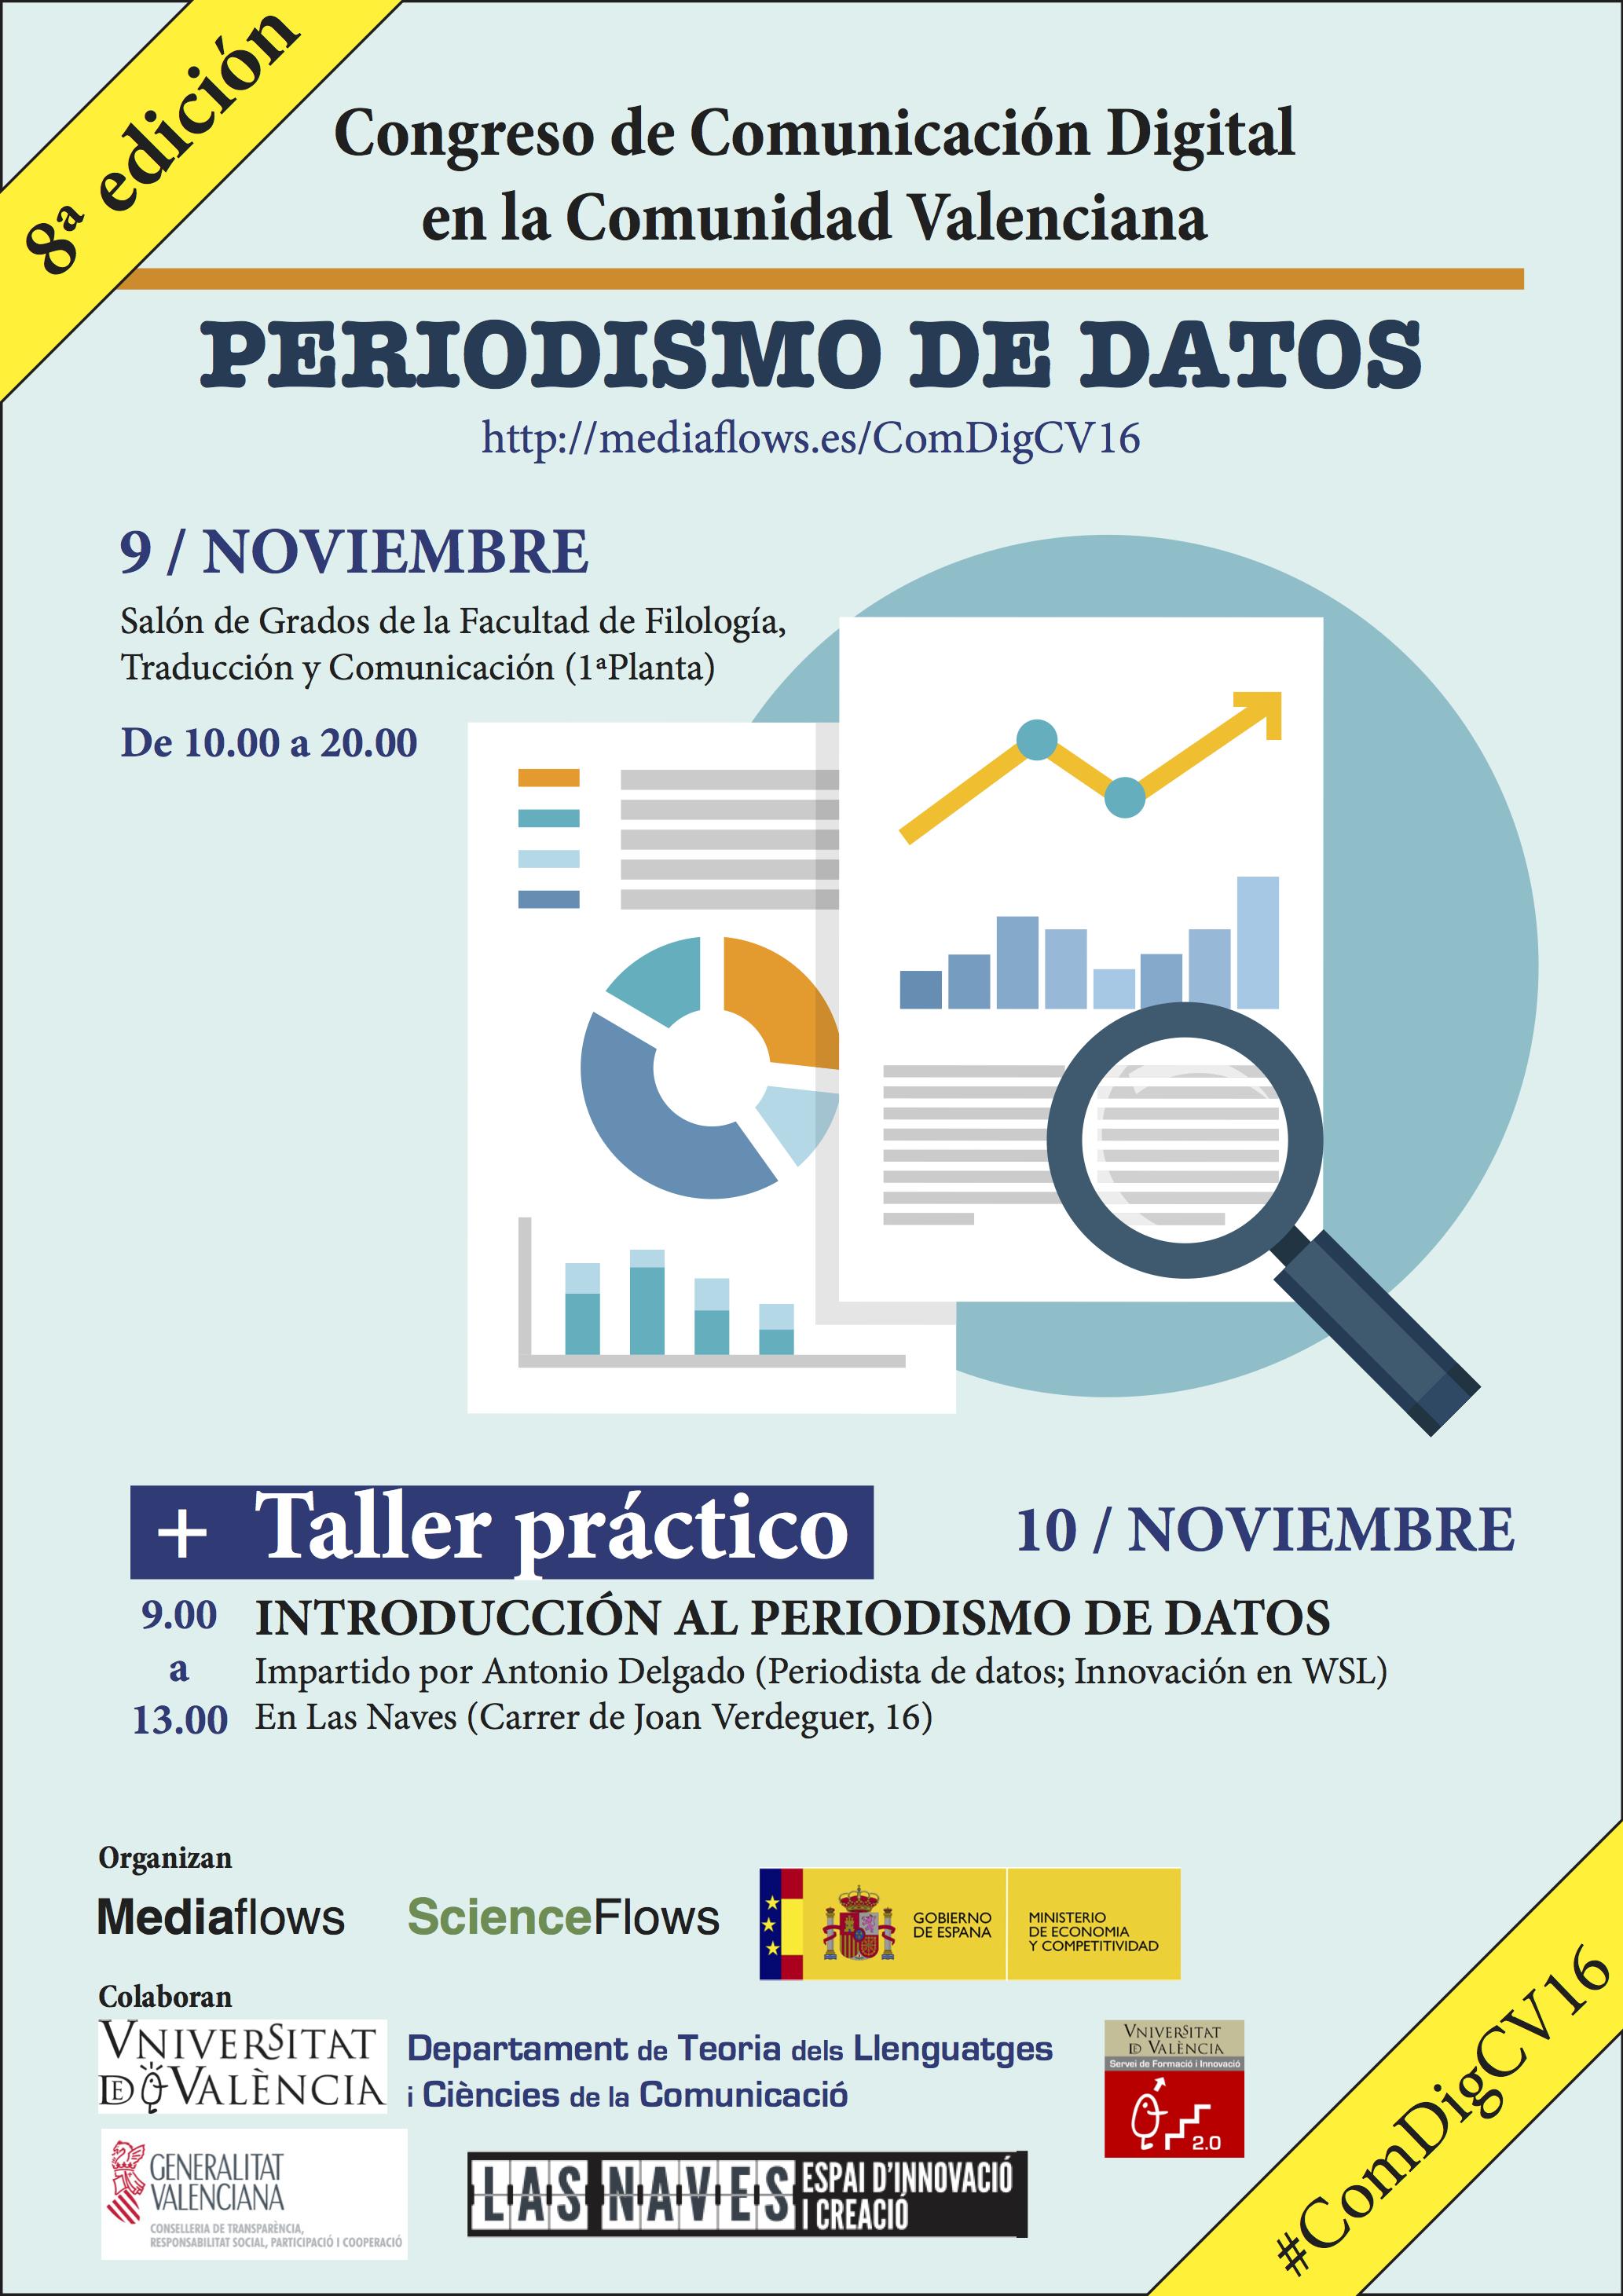 Periodismo de datos. VIII Congreso de Comunicación Digital en la Comunidad Valenciana